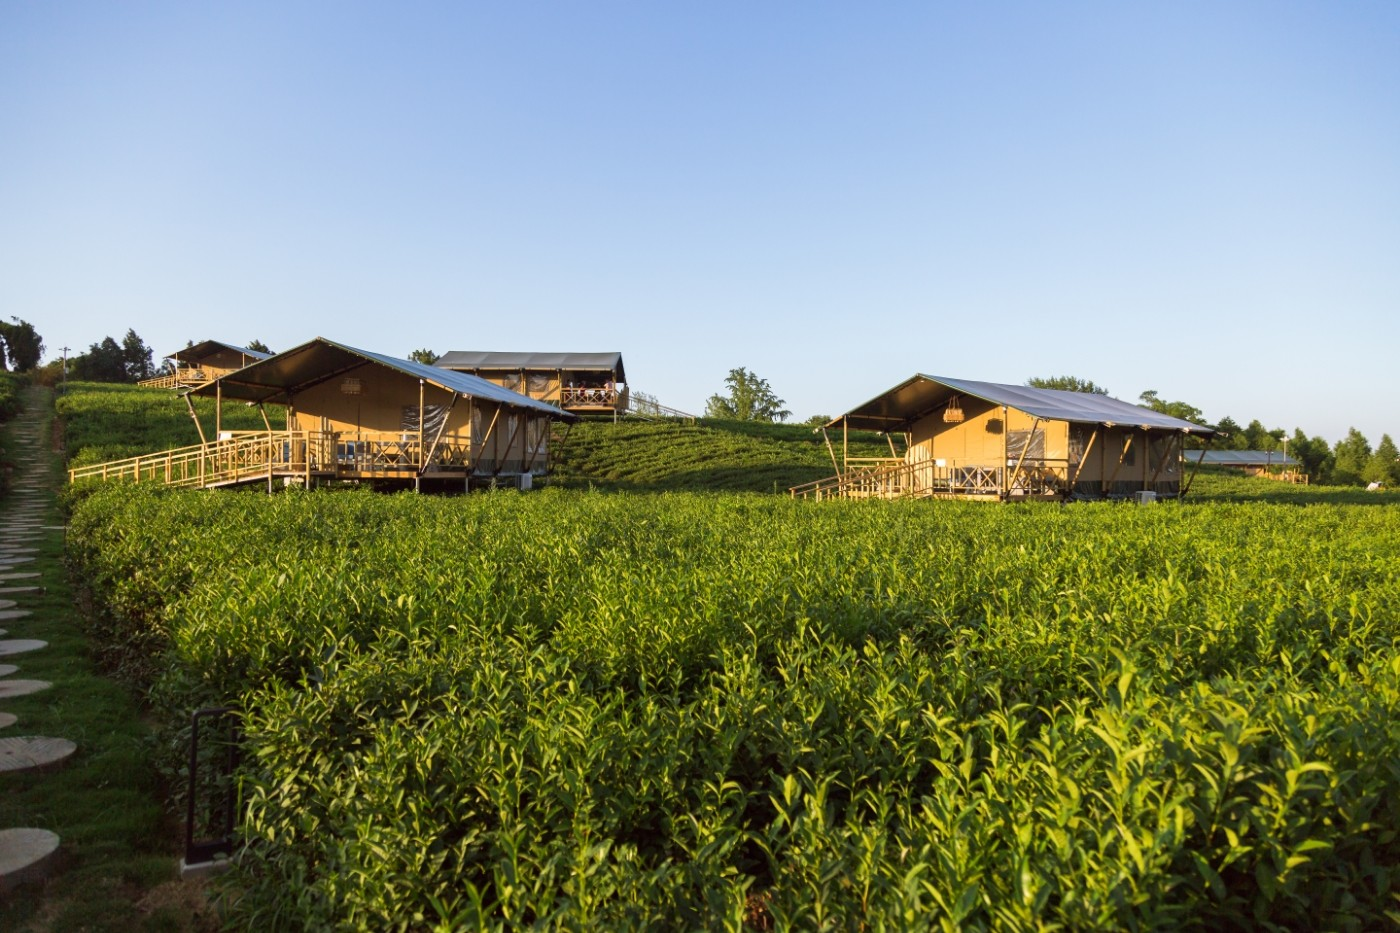 江苏常州茅山宝盛园坡地帐篷酒店16